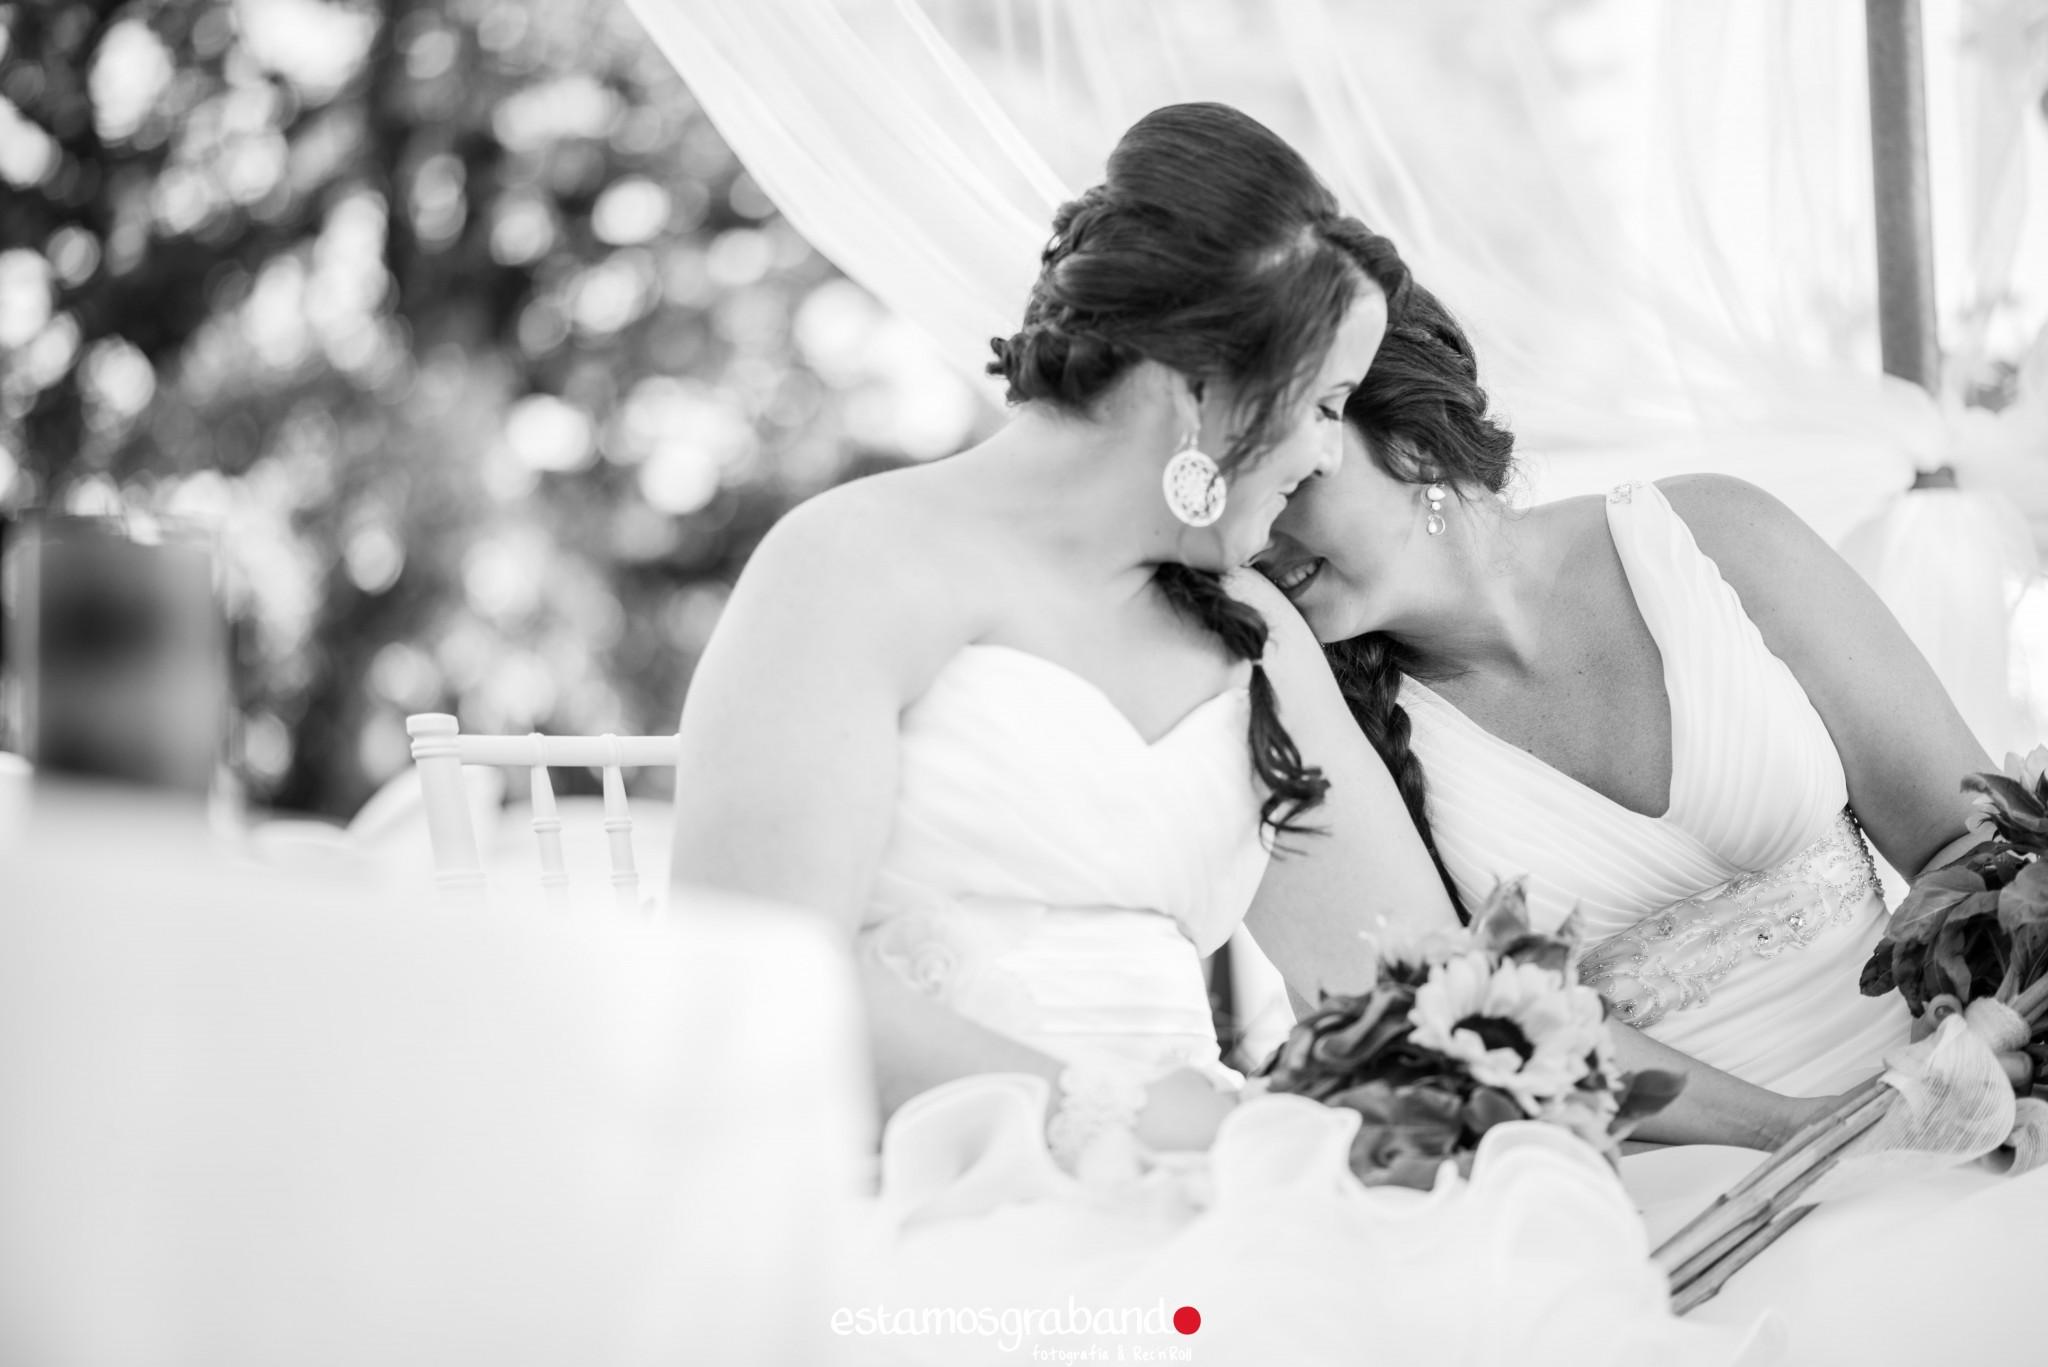 Cris-Rebeca-25 Fotografía de Boda, Rebeca & Cristina - video boda cadiz